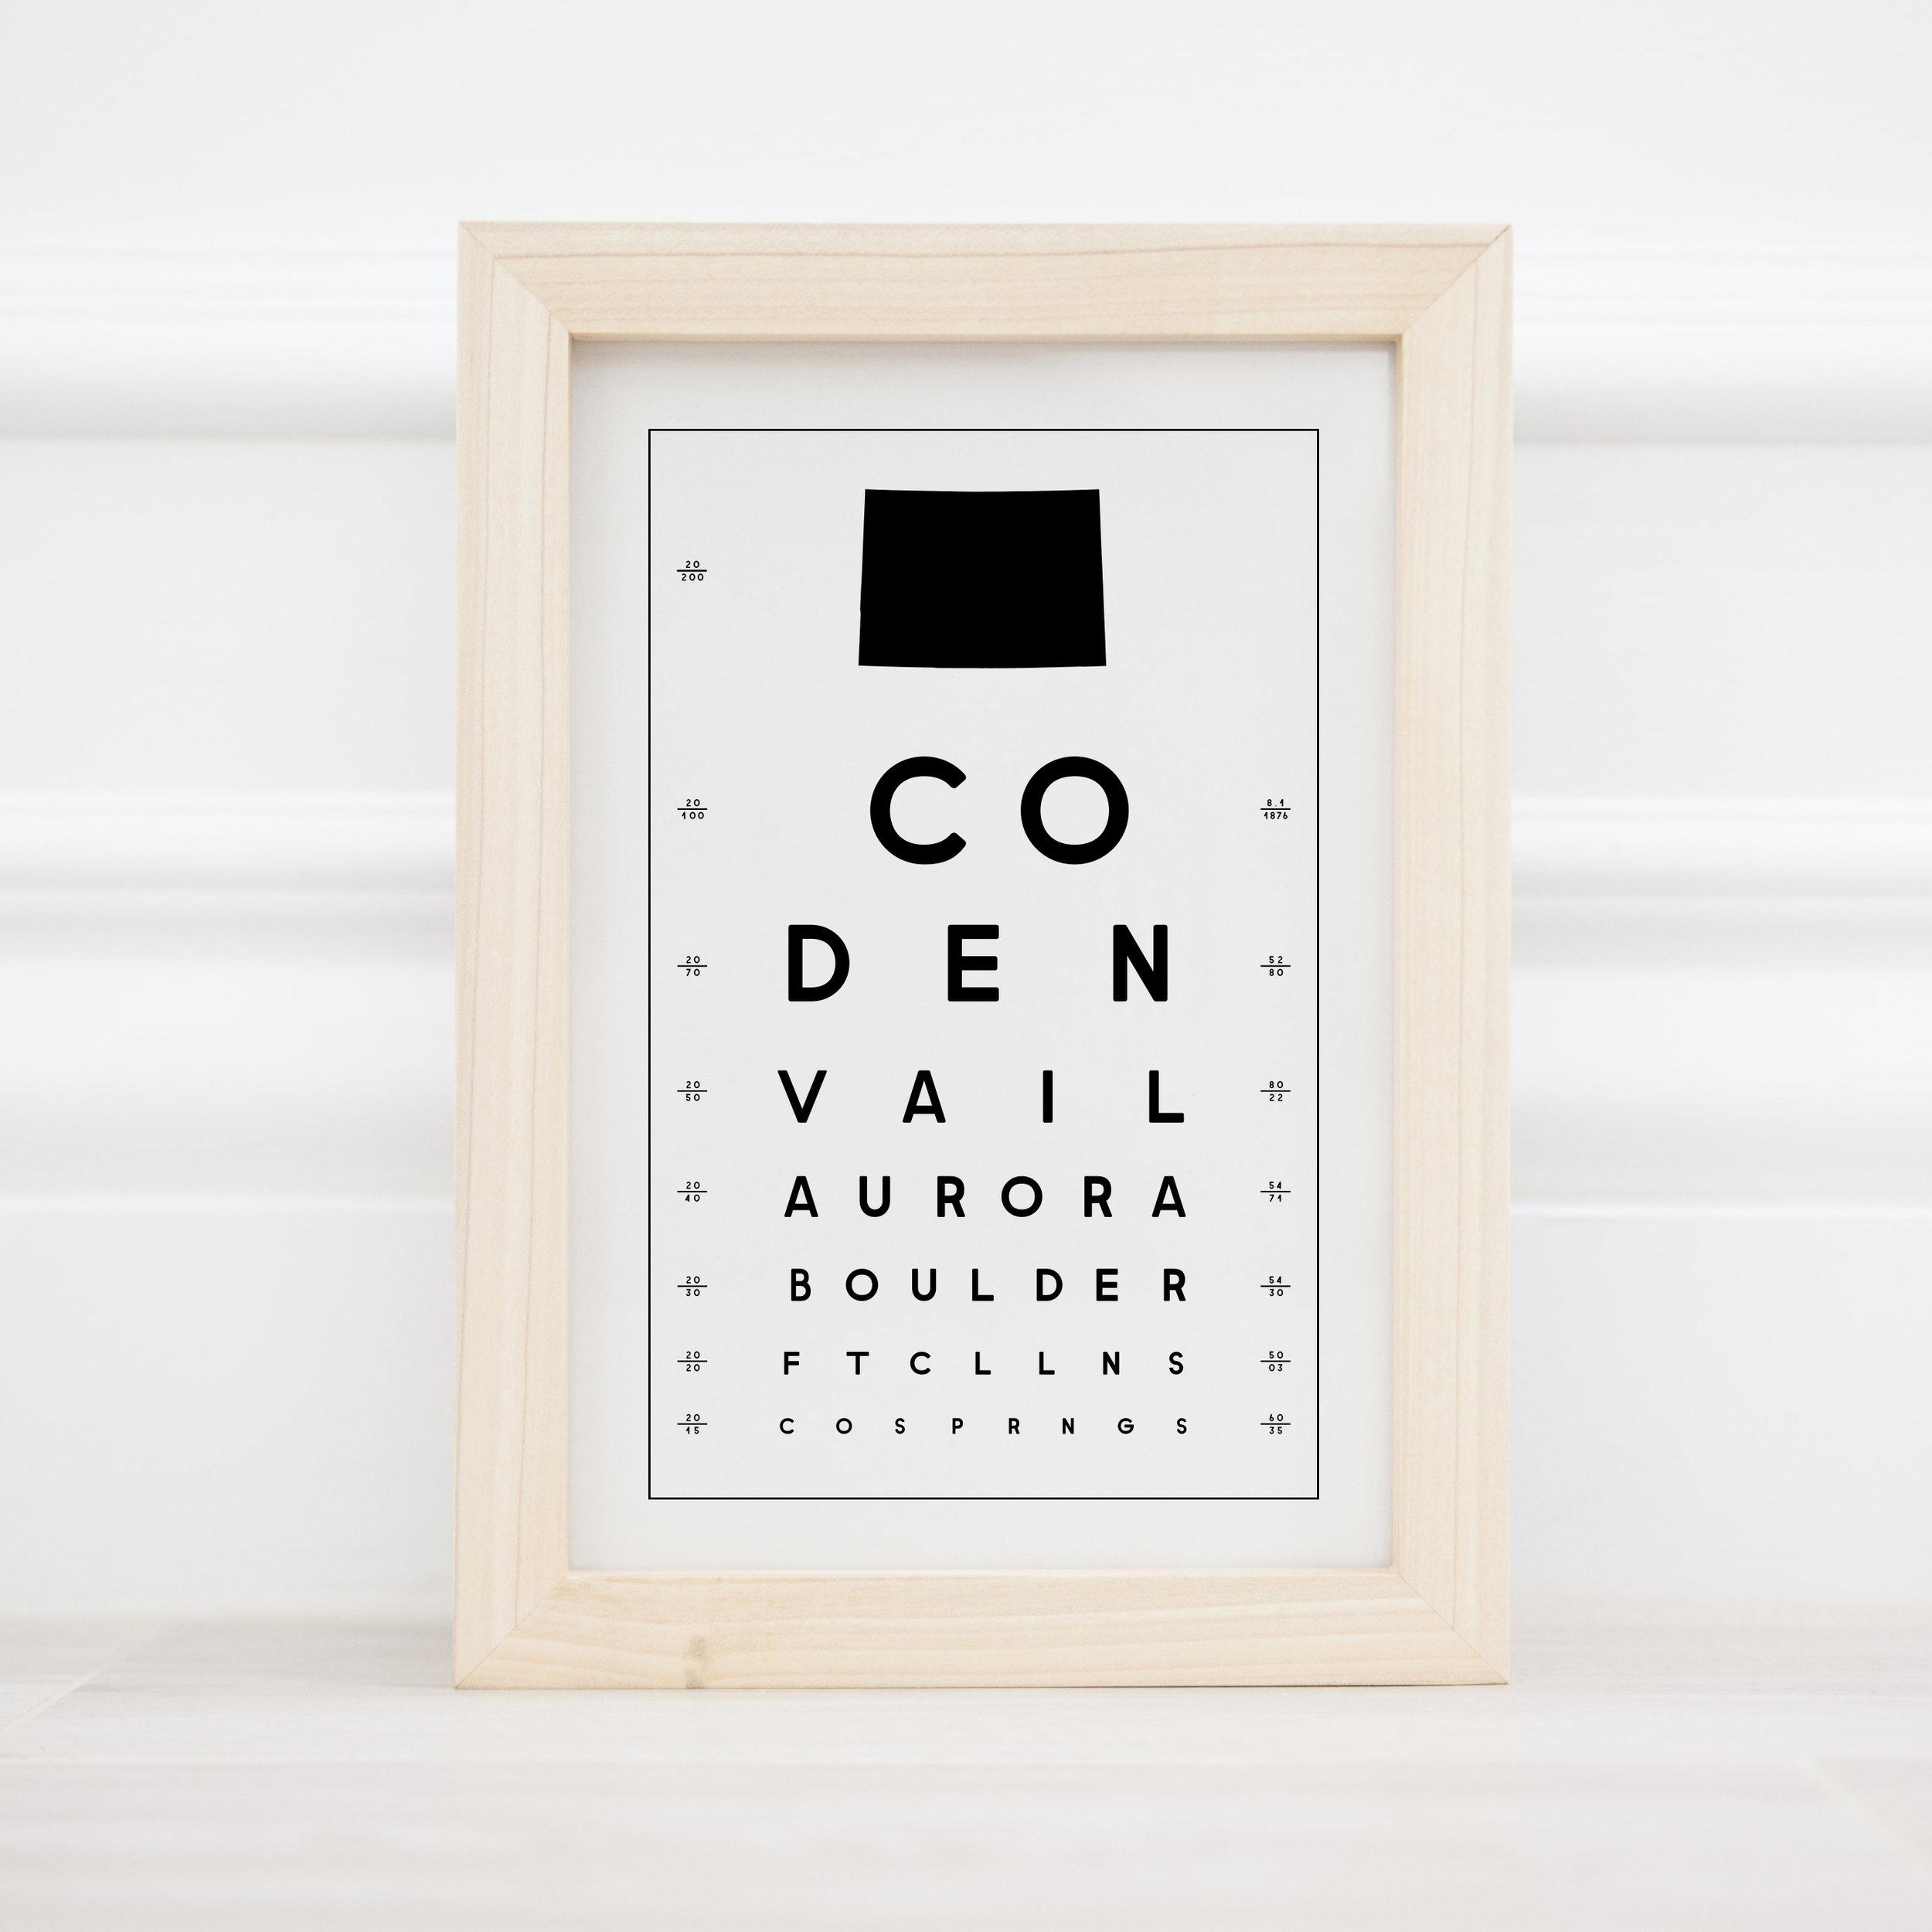 CO Framed1-1.jpg